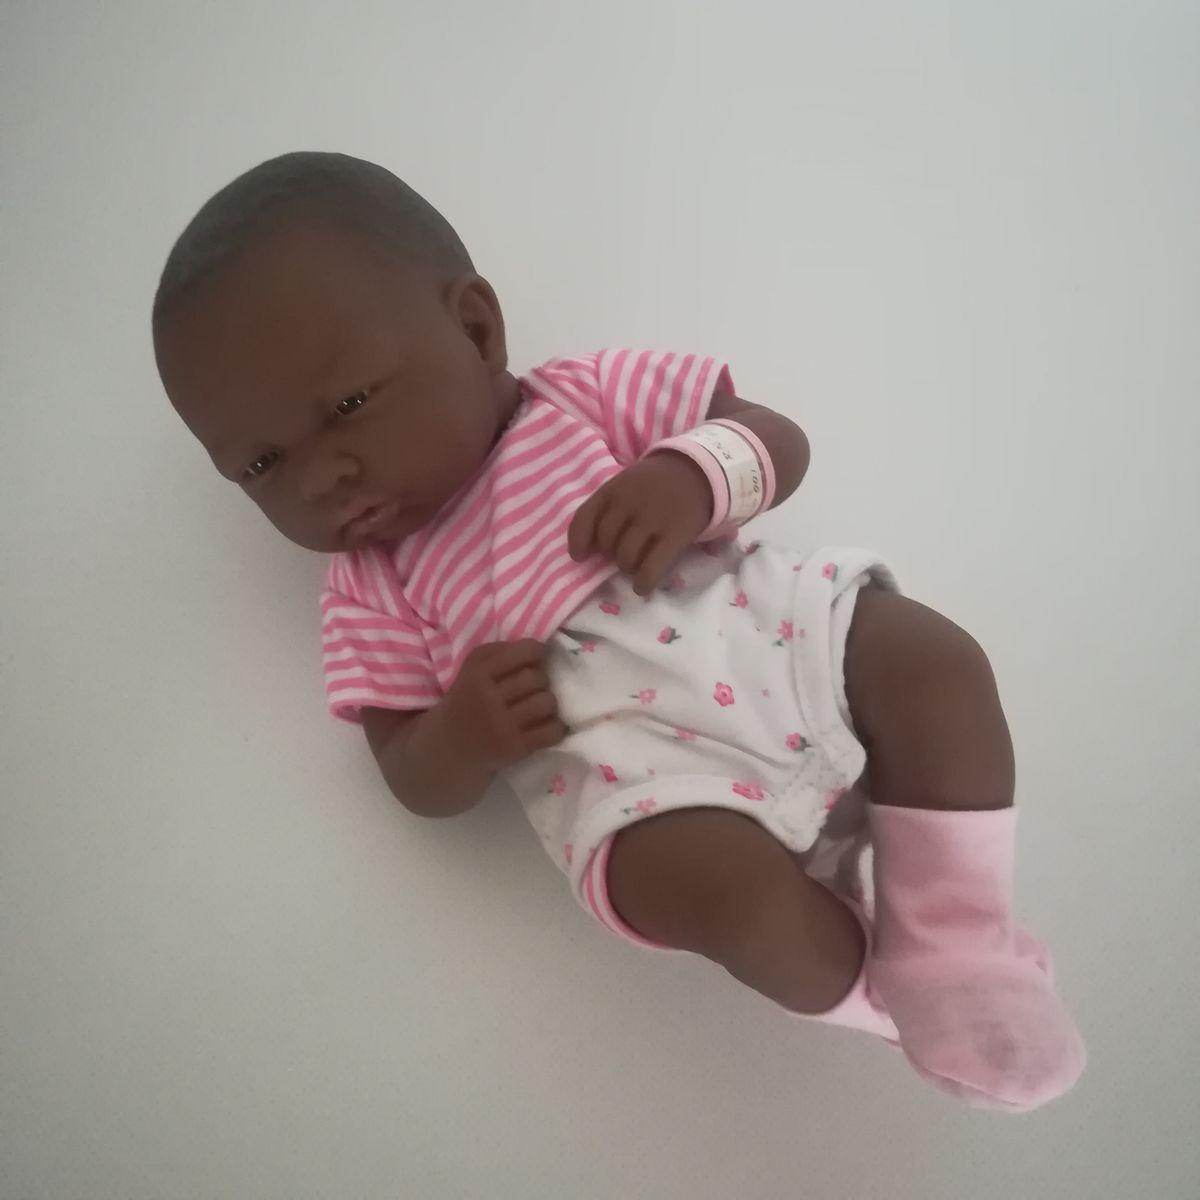 ... Új Berenguer valósághű újszülött néger kislány baba ... 81f360da50